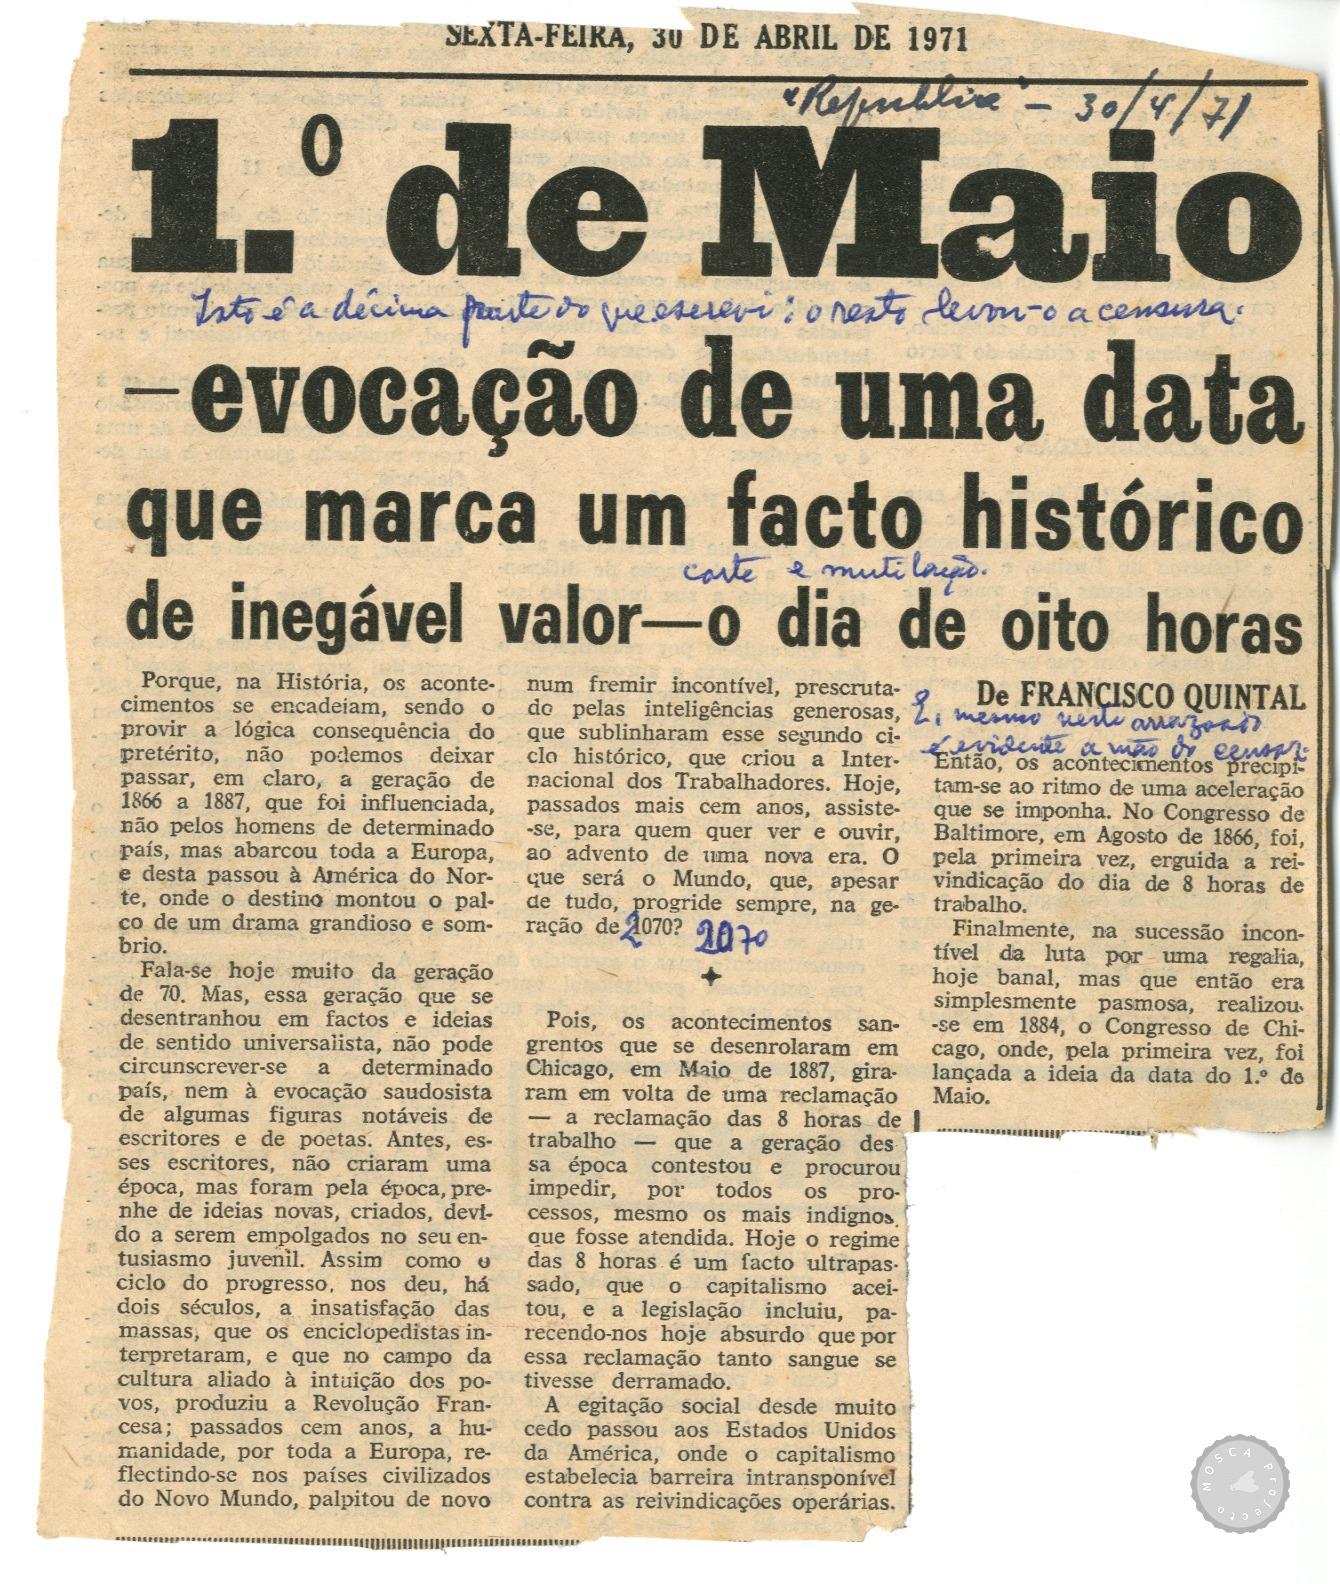 Resultado de imagem para imagens de dia 1 de maio de 1971